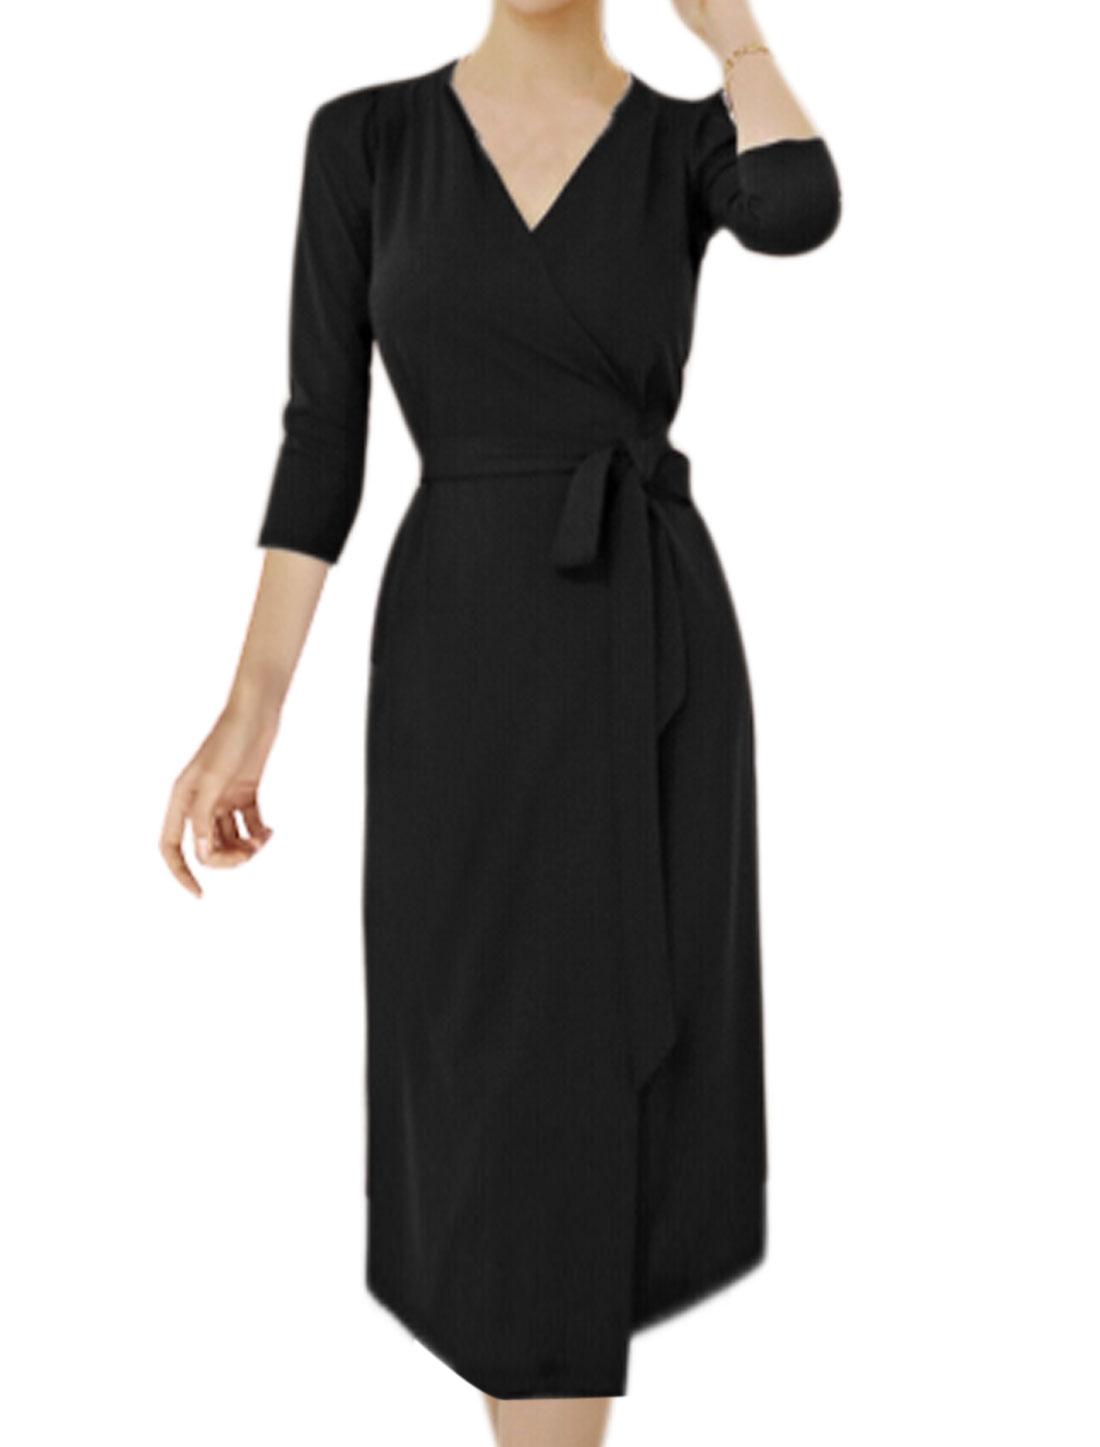 Women Long Sleeves Open Front Waist String Wrap Dress Black S